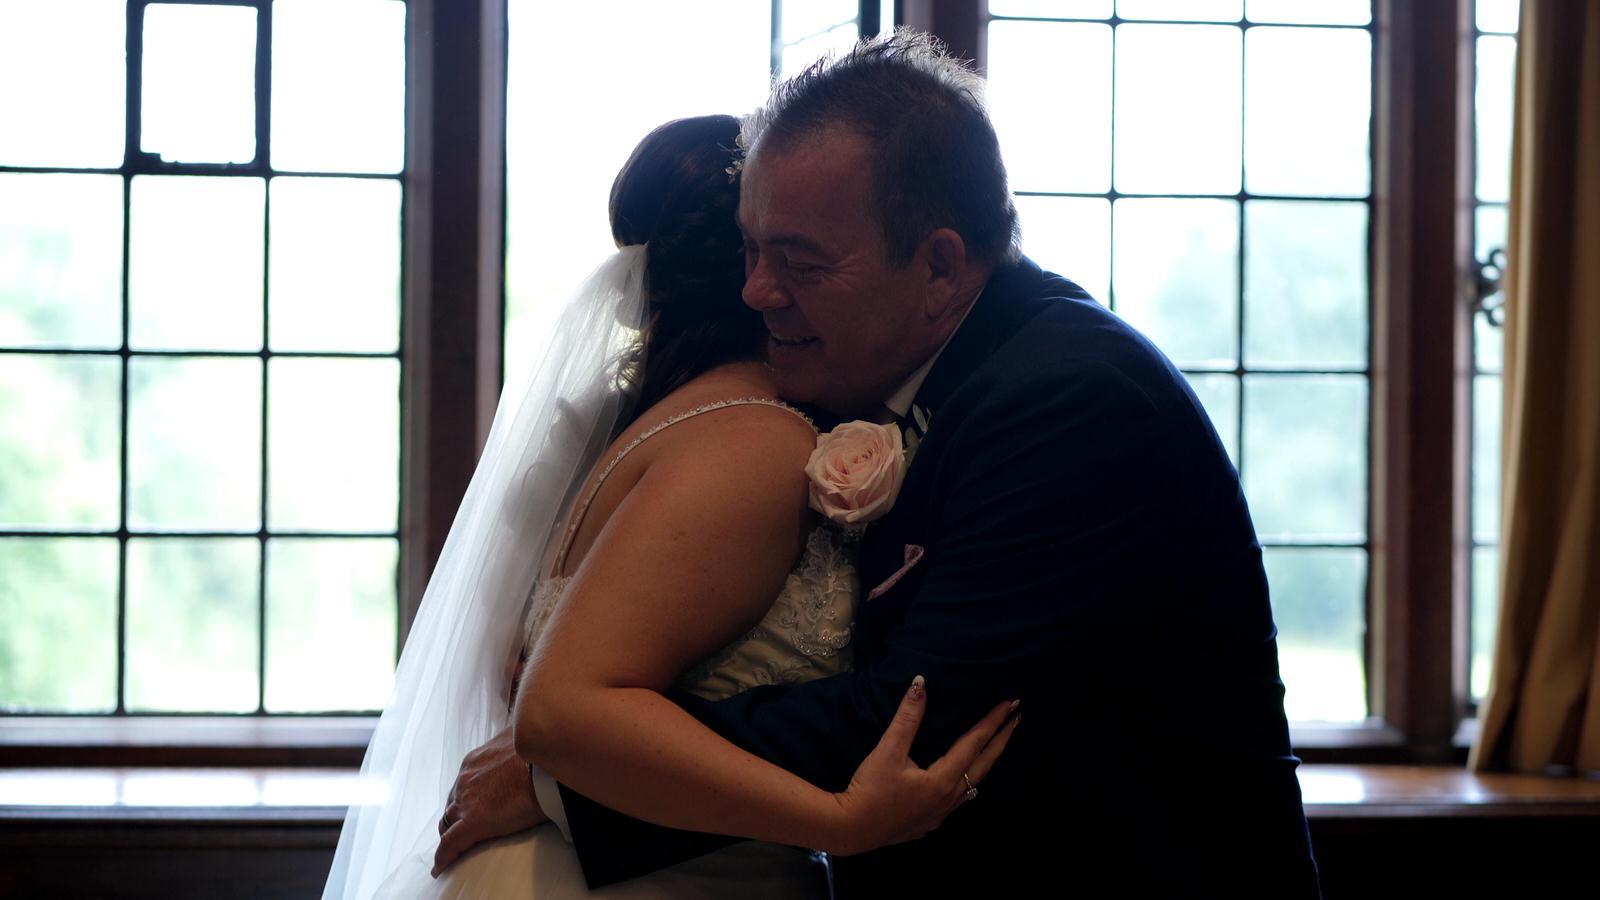 dad hugs bride in front of bright window